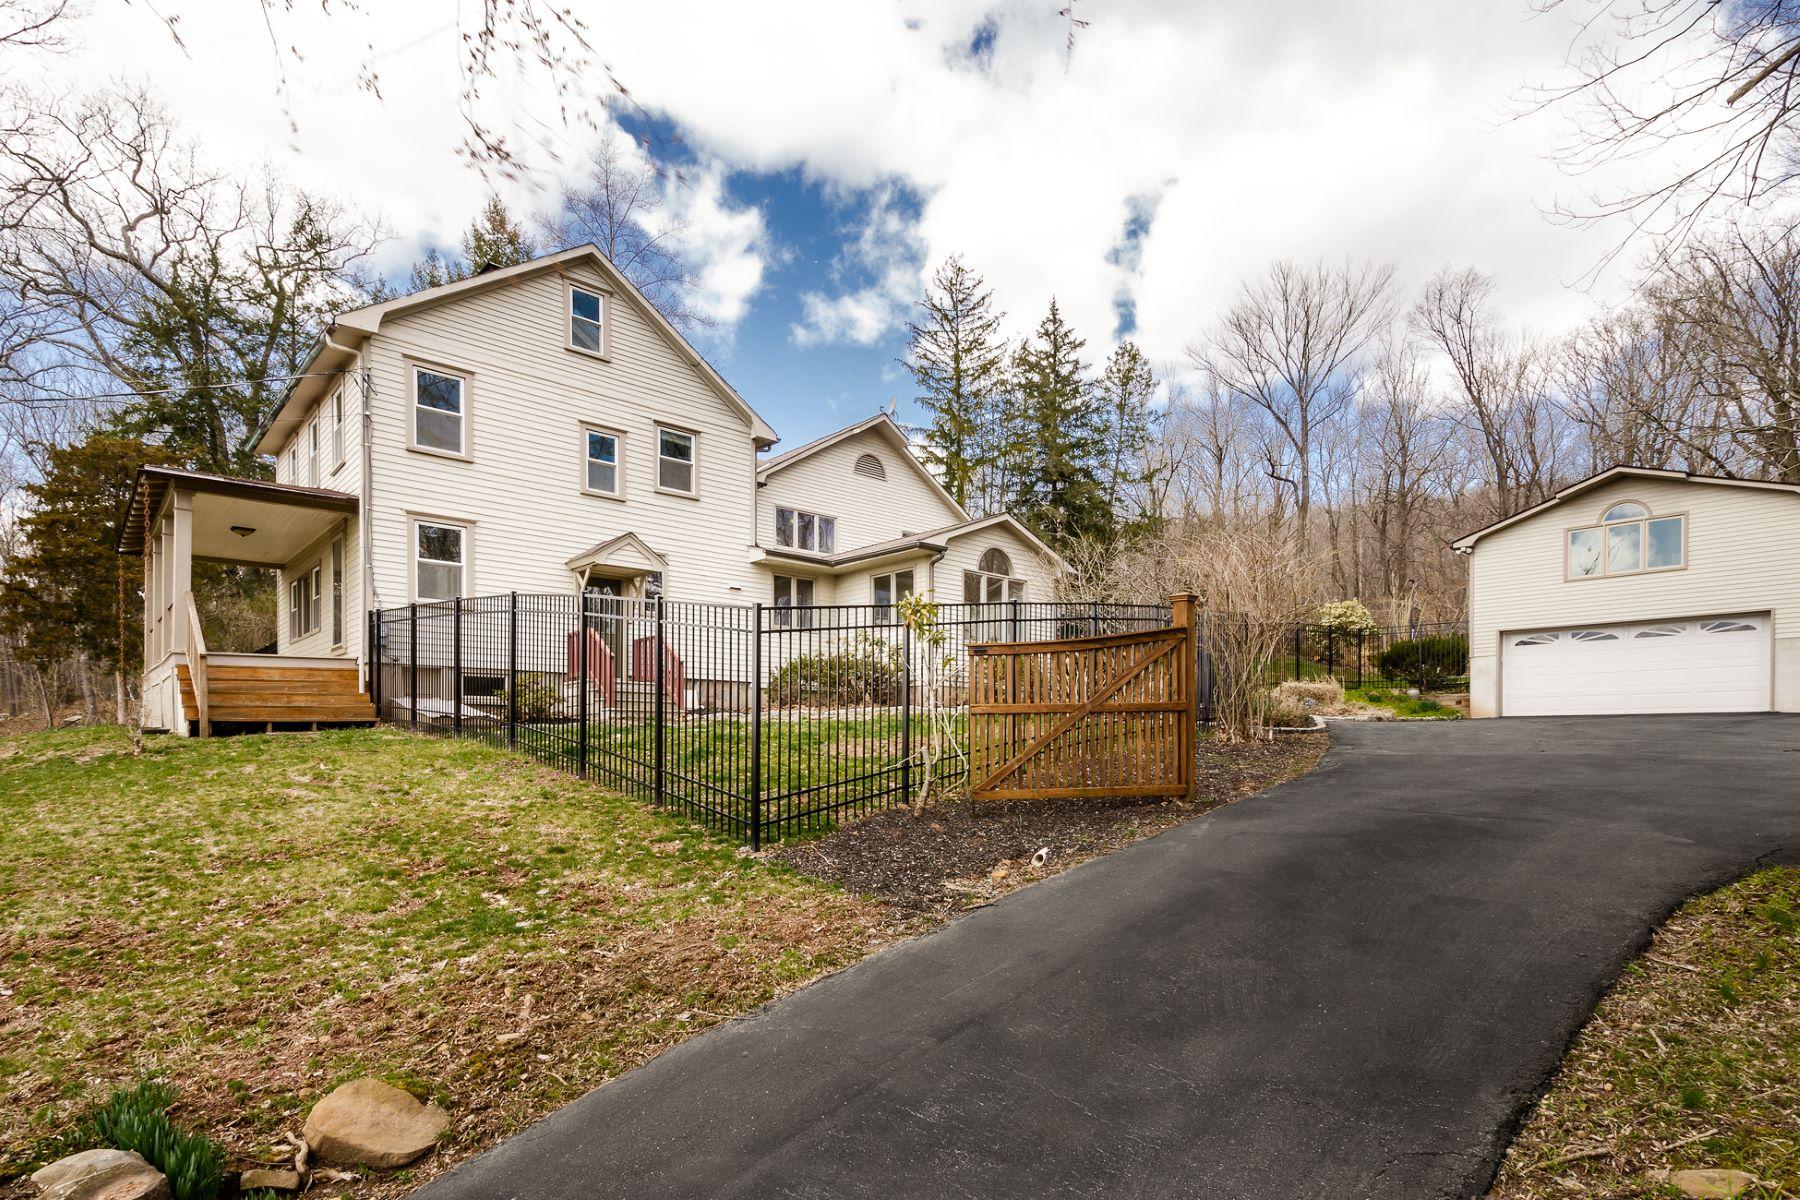 Casa Unifamiliar por un Venta en Panoramic Delaware River Vistas From Hilltop Home 1552 River Road, Titusville, Nueva Jersey 08560 Estados UnidosEn/Alrededor: Hopewell Township